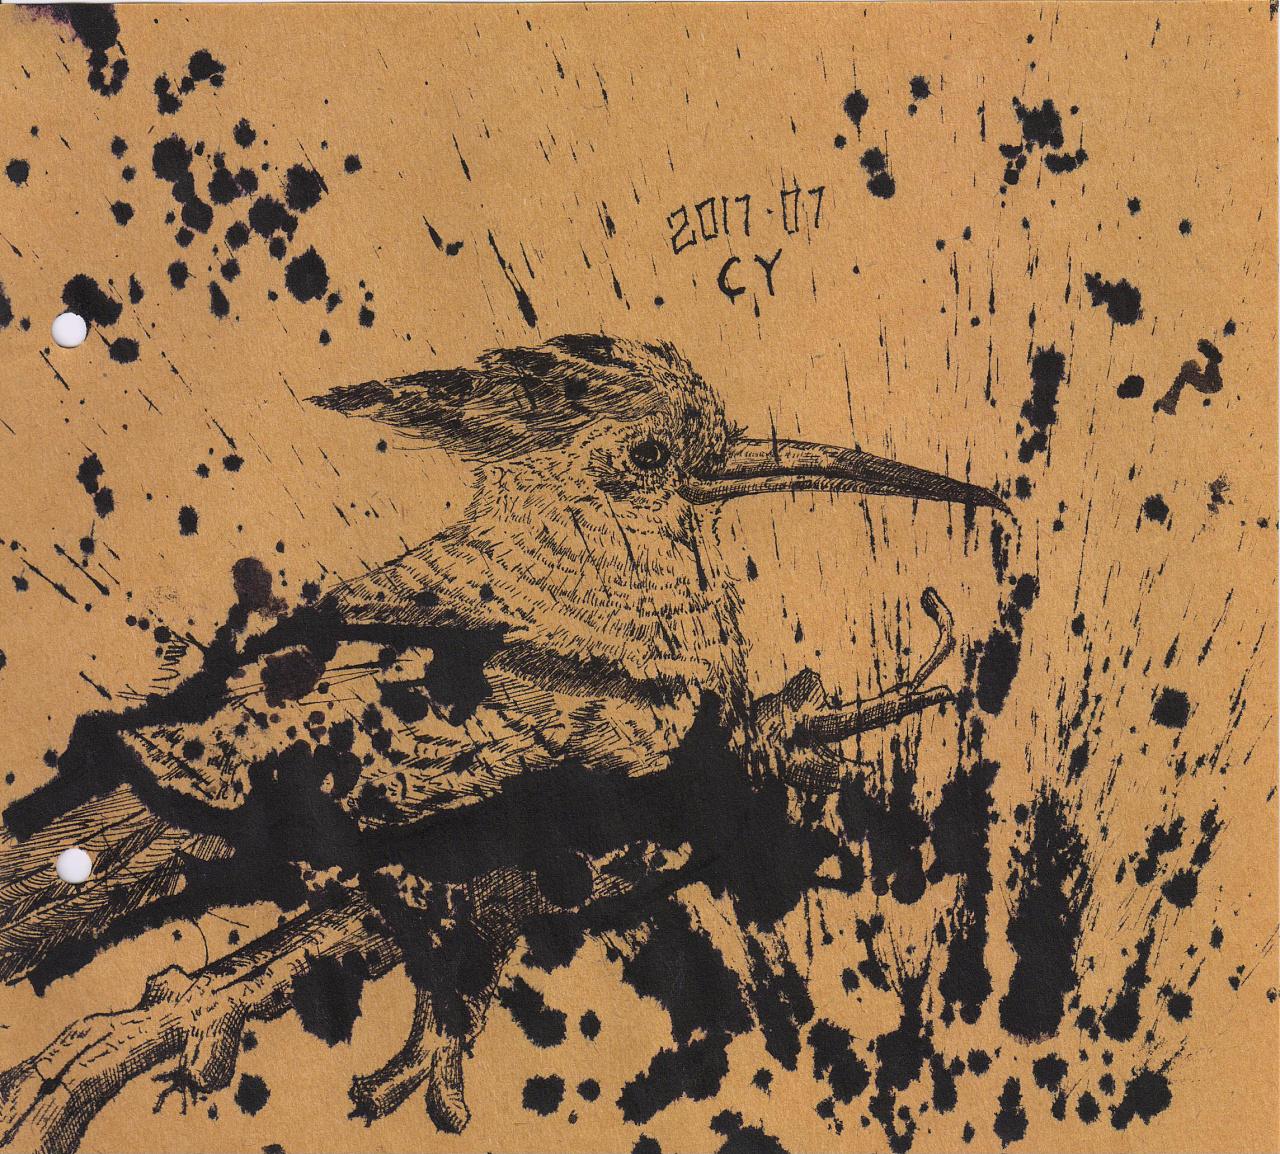 cy手绘-鸟类蘸水画